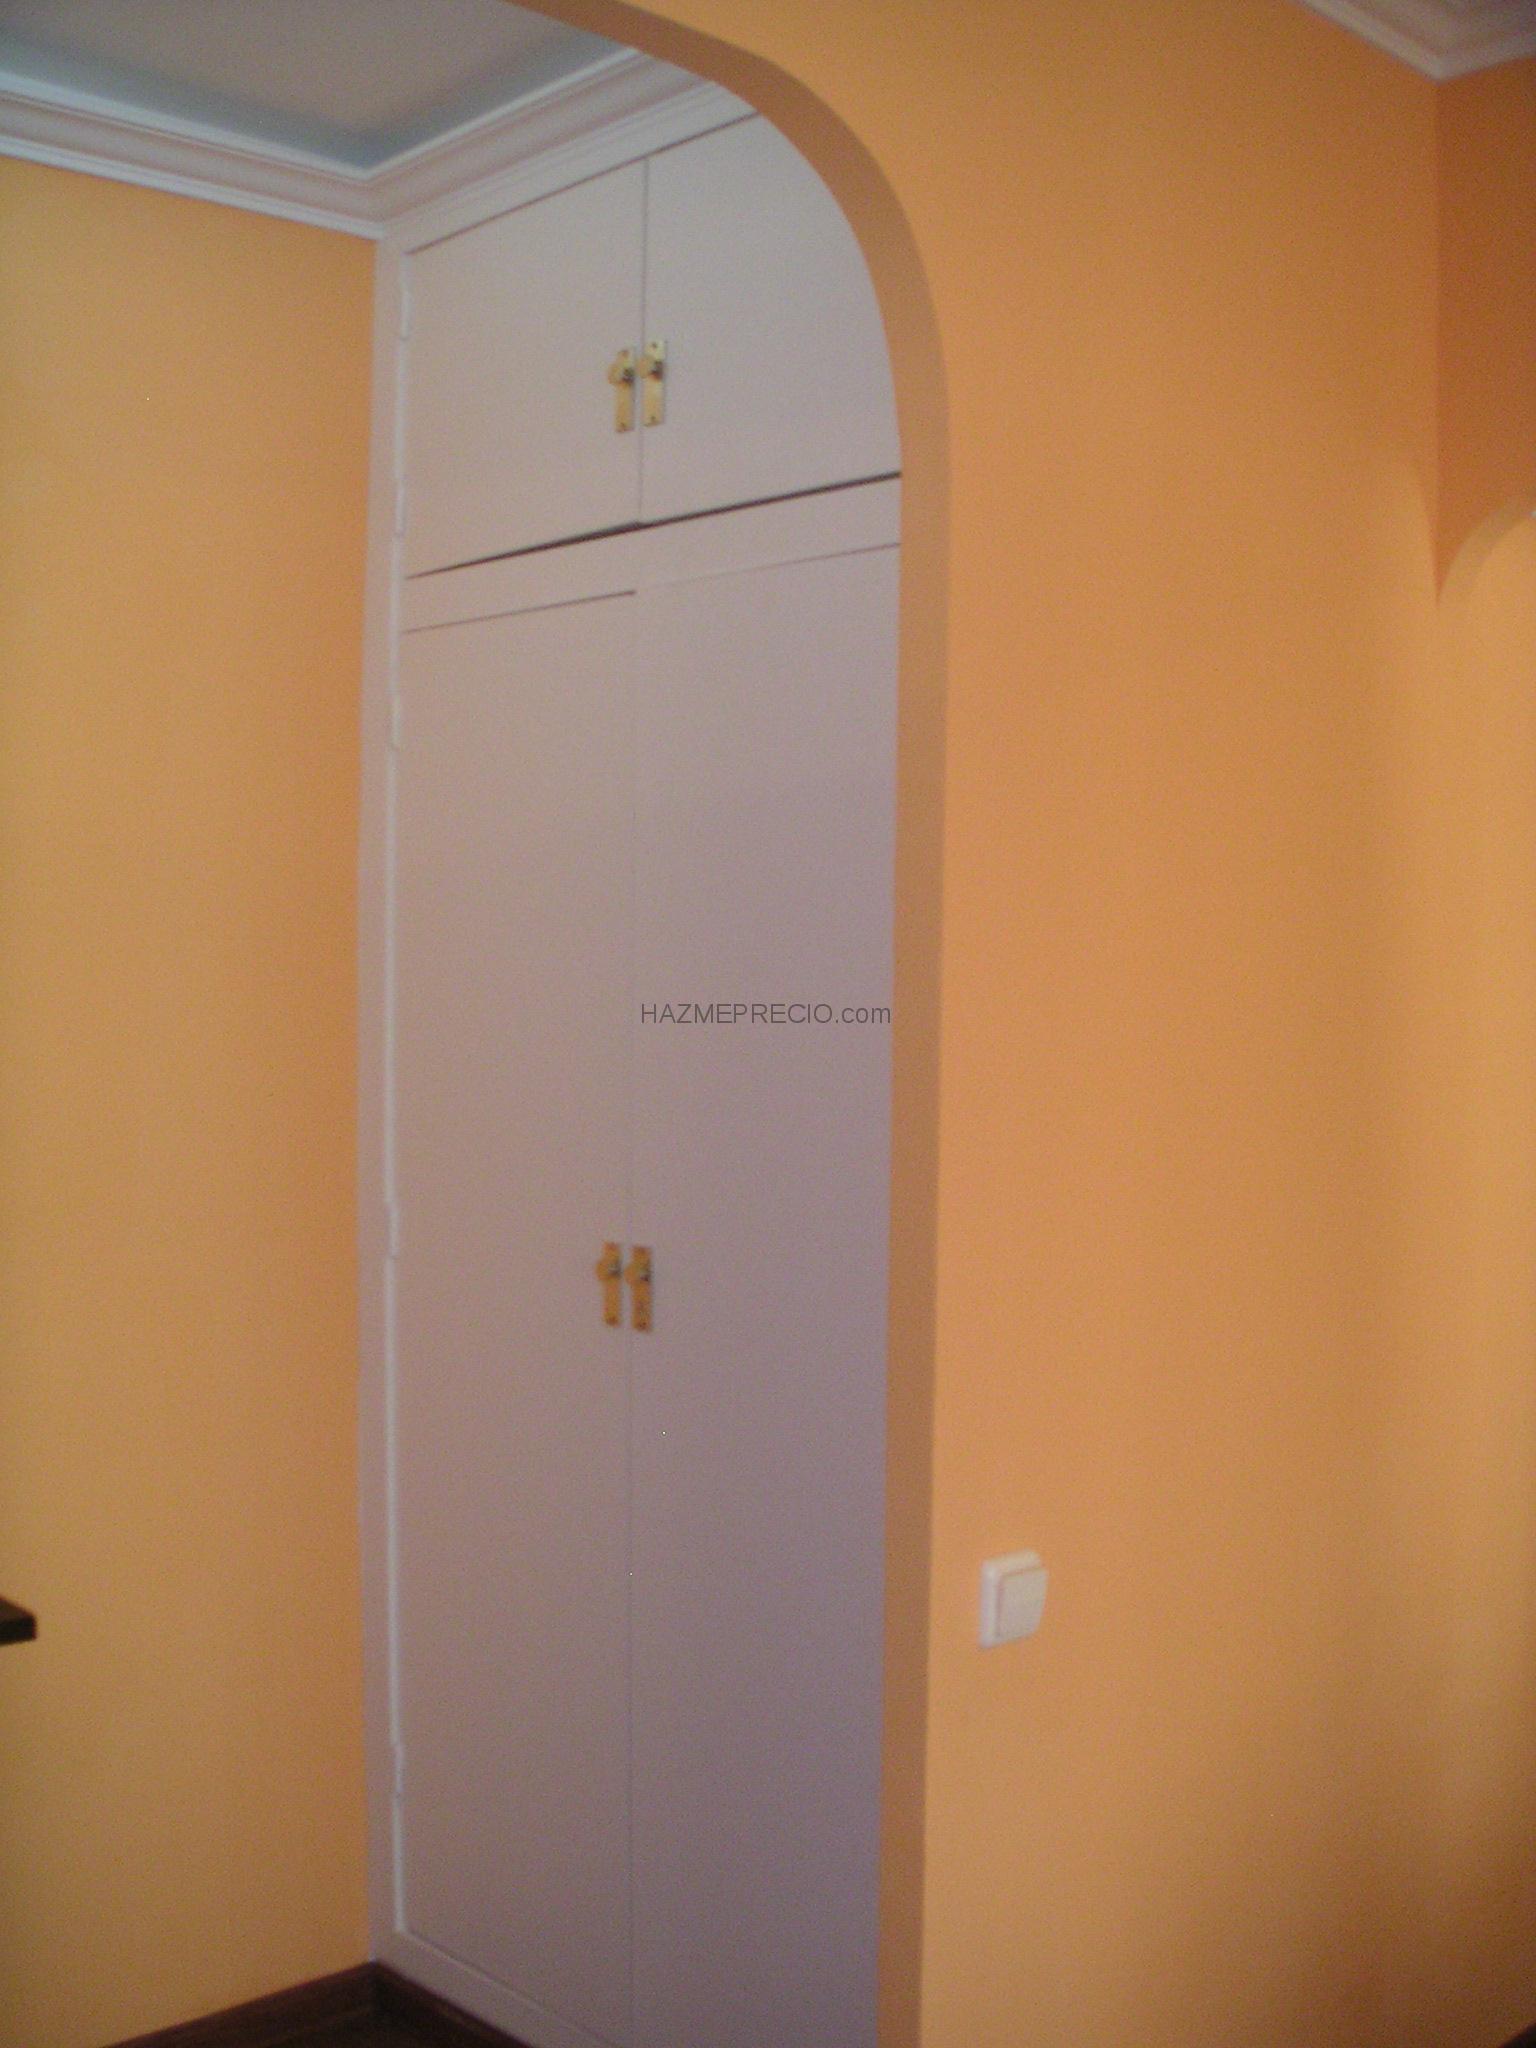 Presupuesto para pintar piso duplex de 90m2 hospitalet - Precio pintar piso barcelona ...